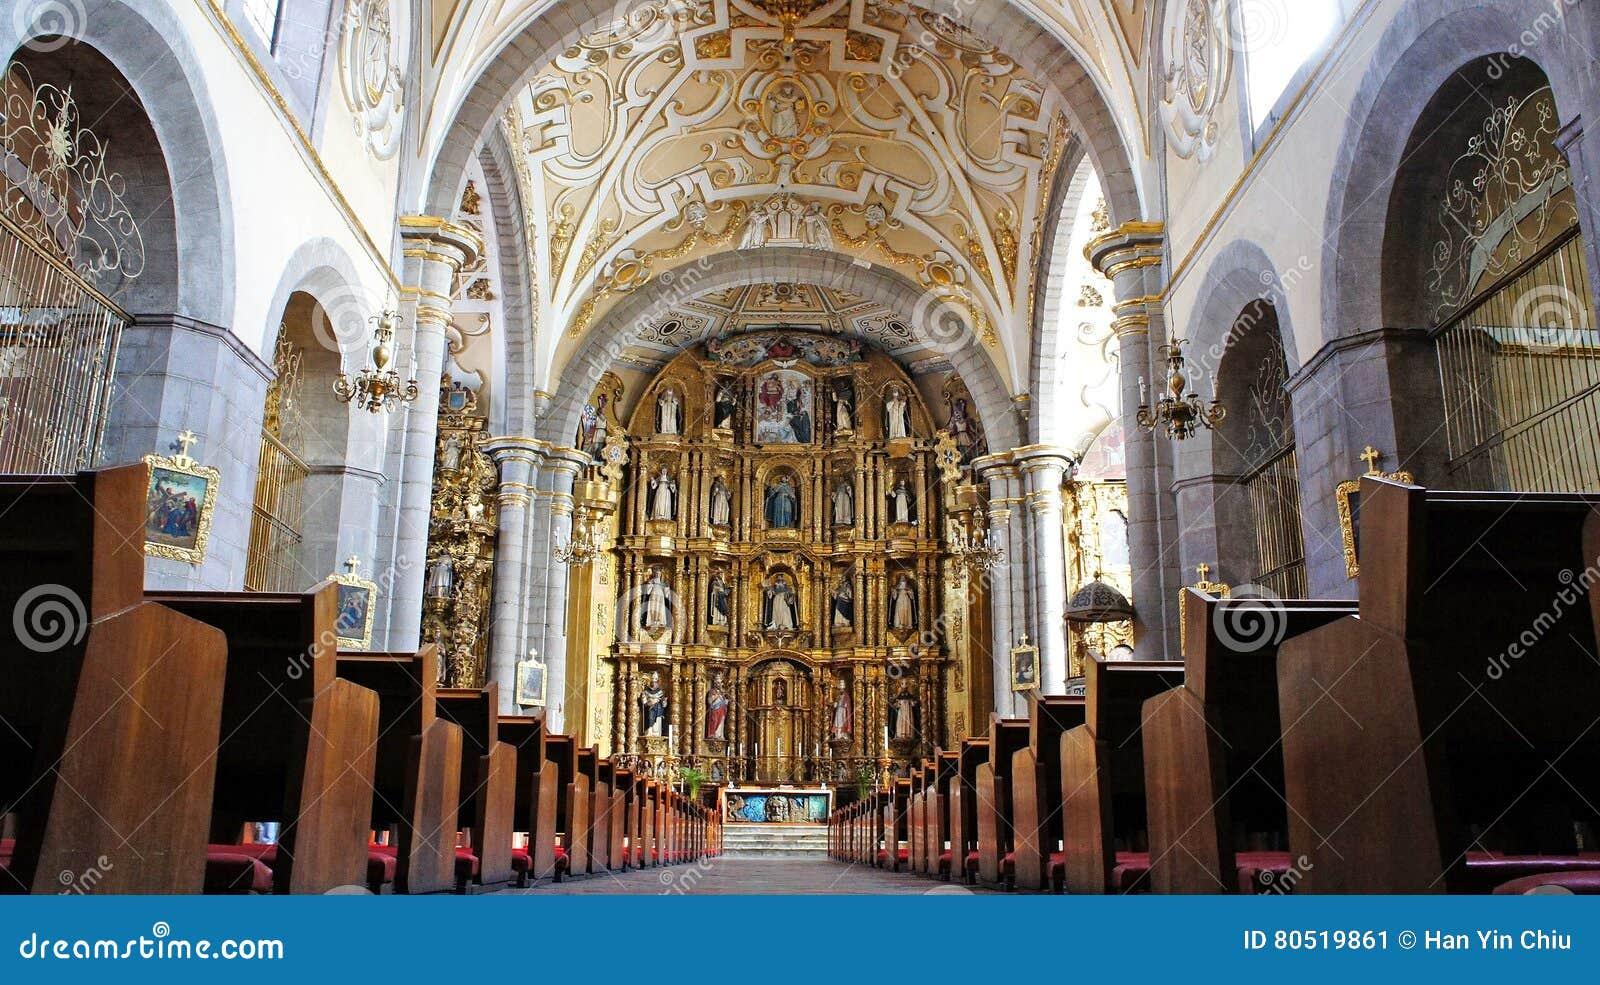 Santo domingo temple, city of puebla, mexican state of puebla.